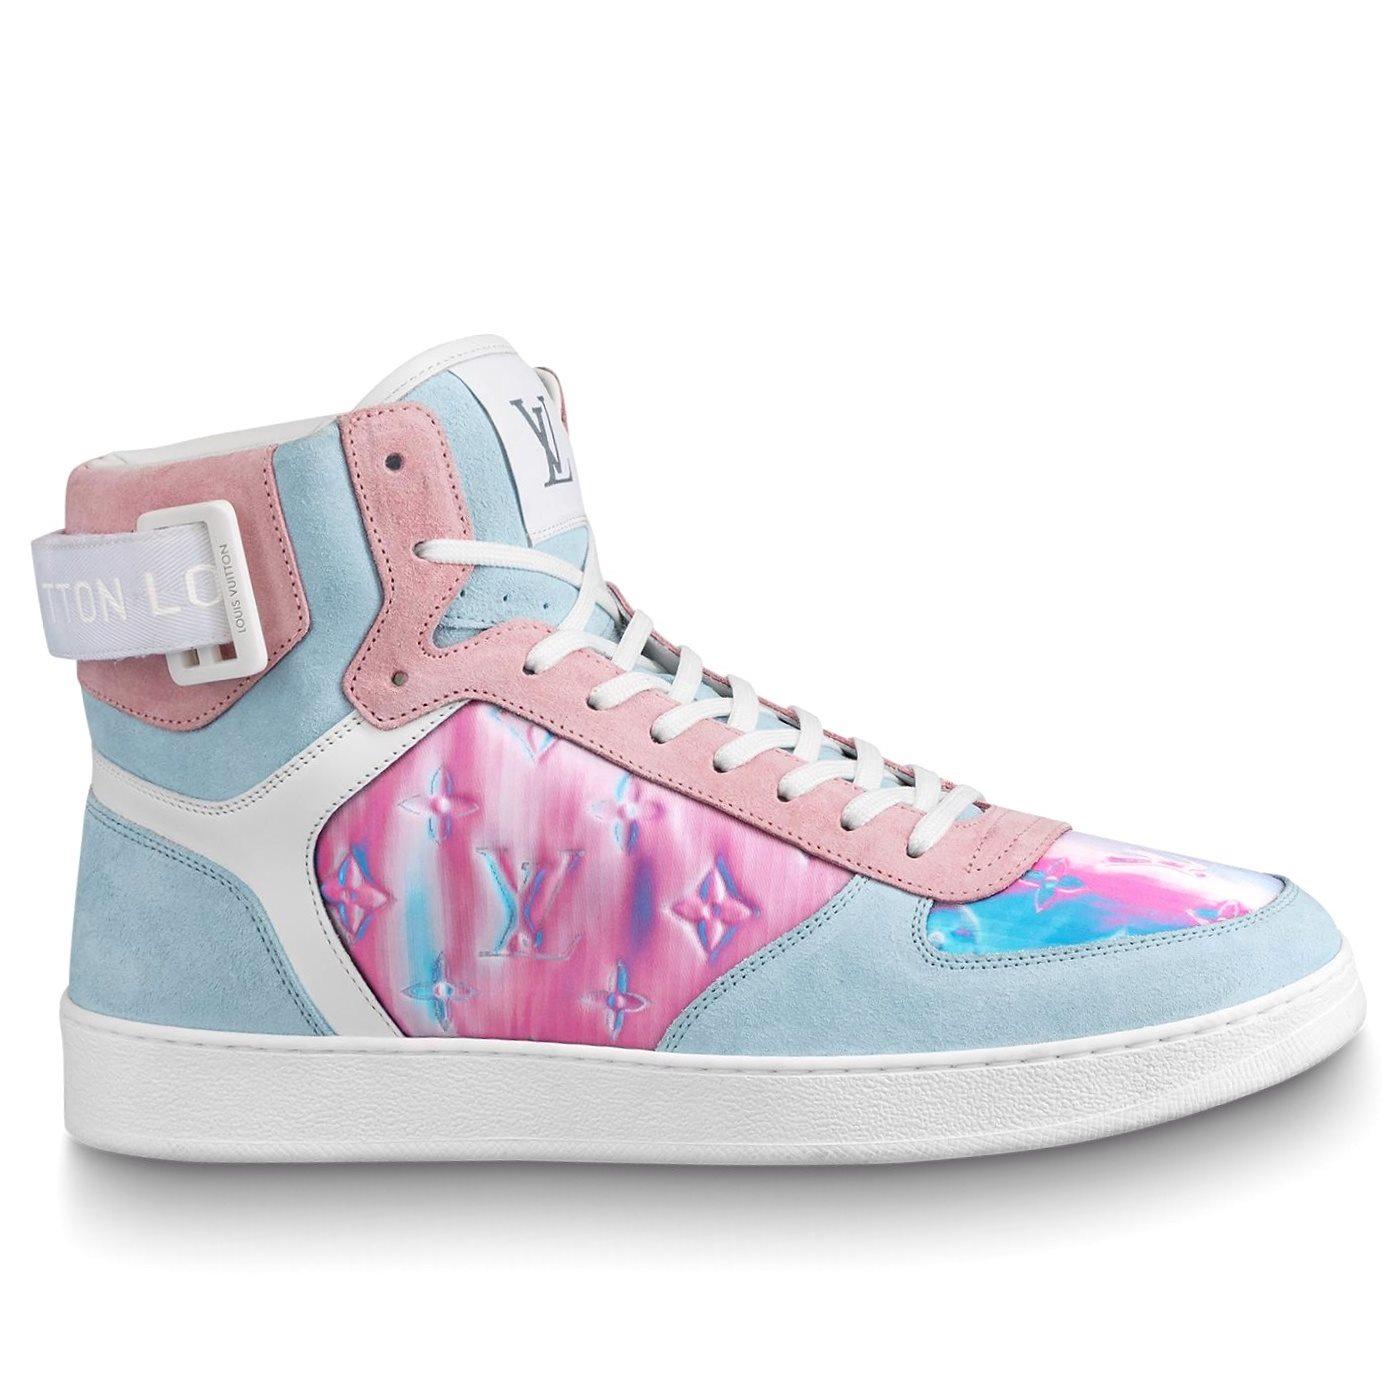 Louis Vuitton iridescent rivoli sneaker